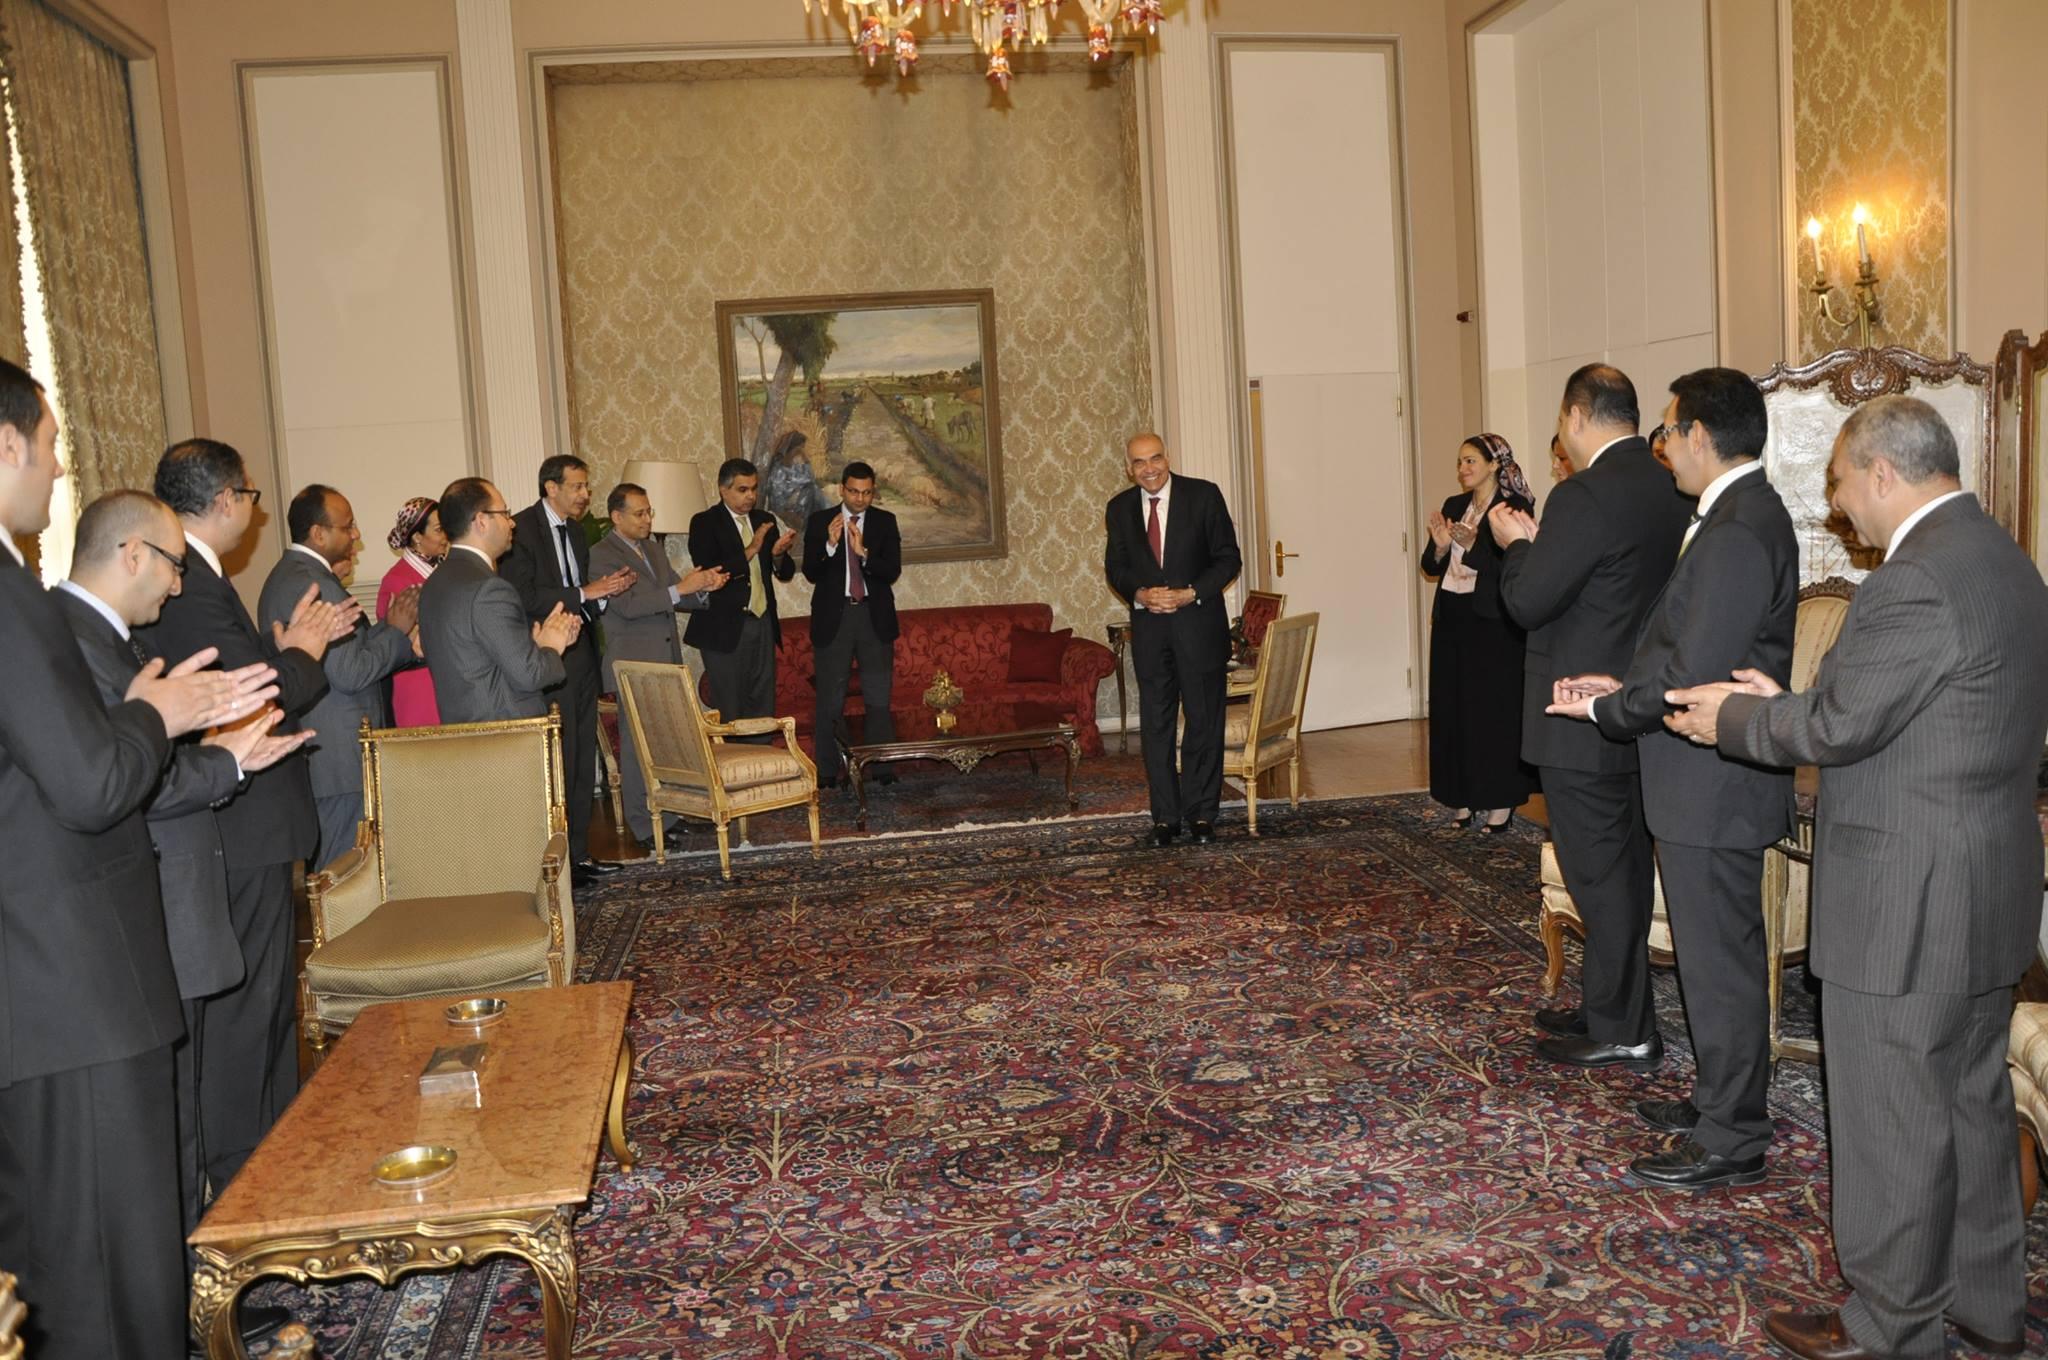 محمد كامل عمرو وعدد من الدبلوماسيين المصريين بعد تقديمه استقالته بمقر الخارجية المصرية (الألبوم الشخصي للوزير الأسبق).jpg